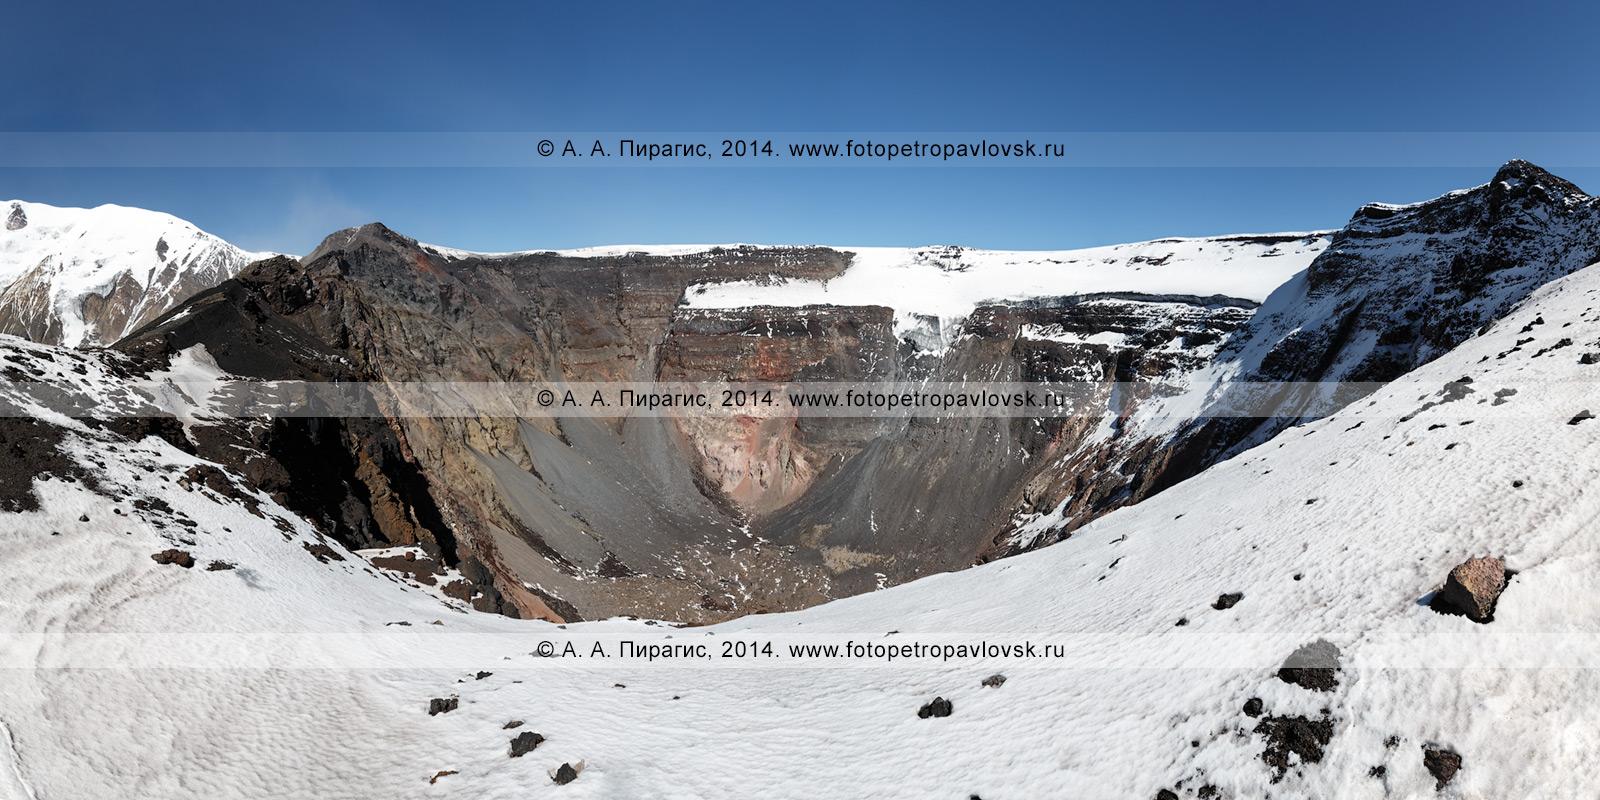 Фотография (панорама): вершинный кратер действующего вулкана Плоский Толбачик (Plosky Tolbachik Volcano), вид на кратерный провал, образовавшийся в ходе Большого трещинного Толбачинского извержения. Ключевская группа вулканов, Камчатка